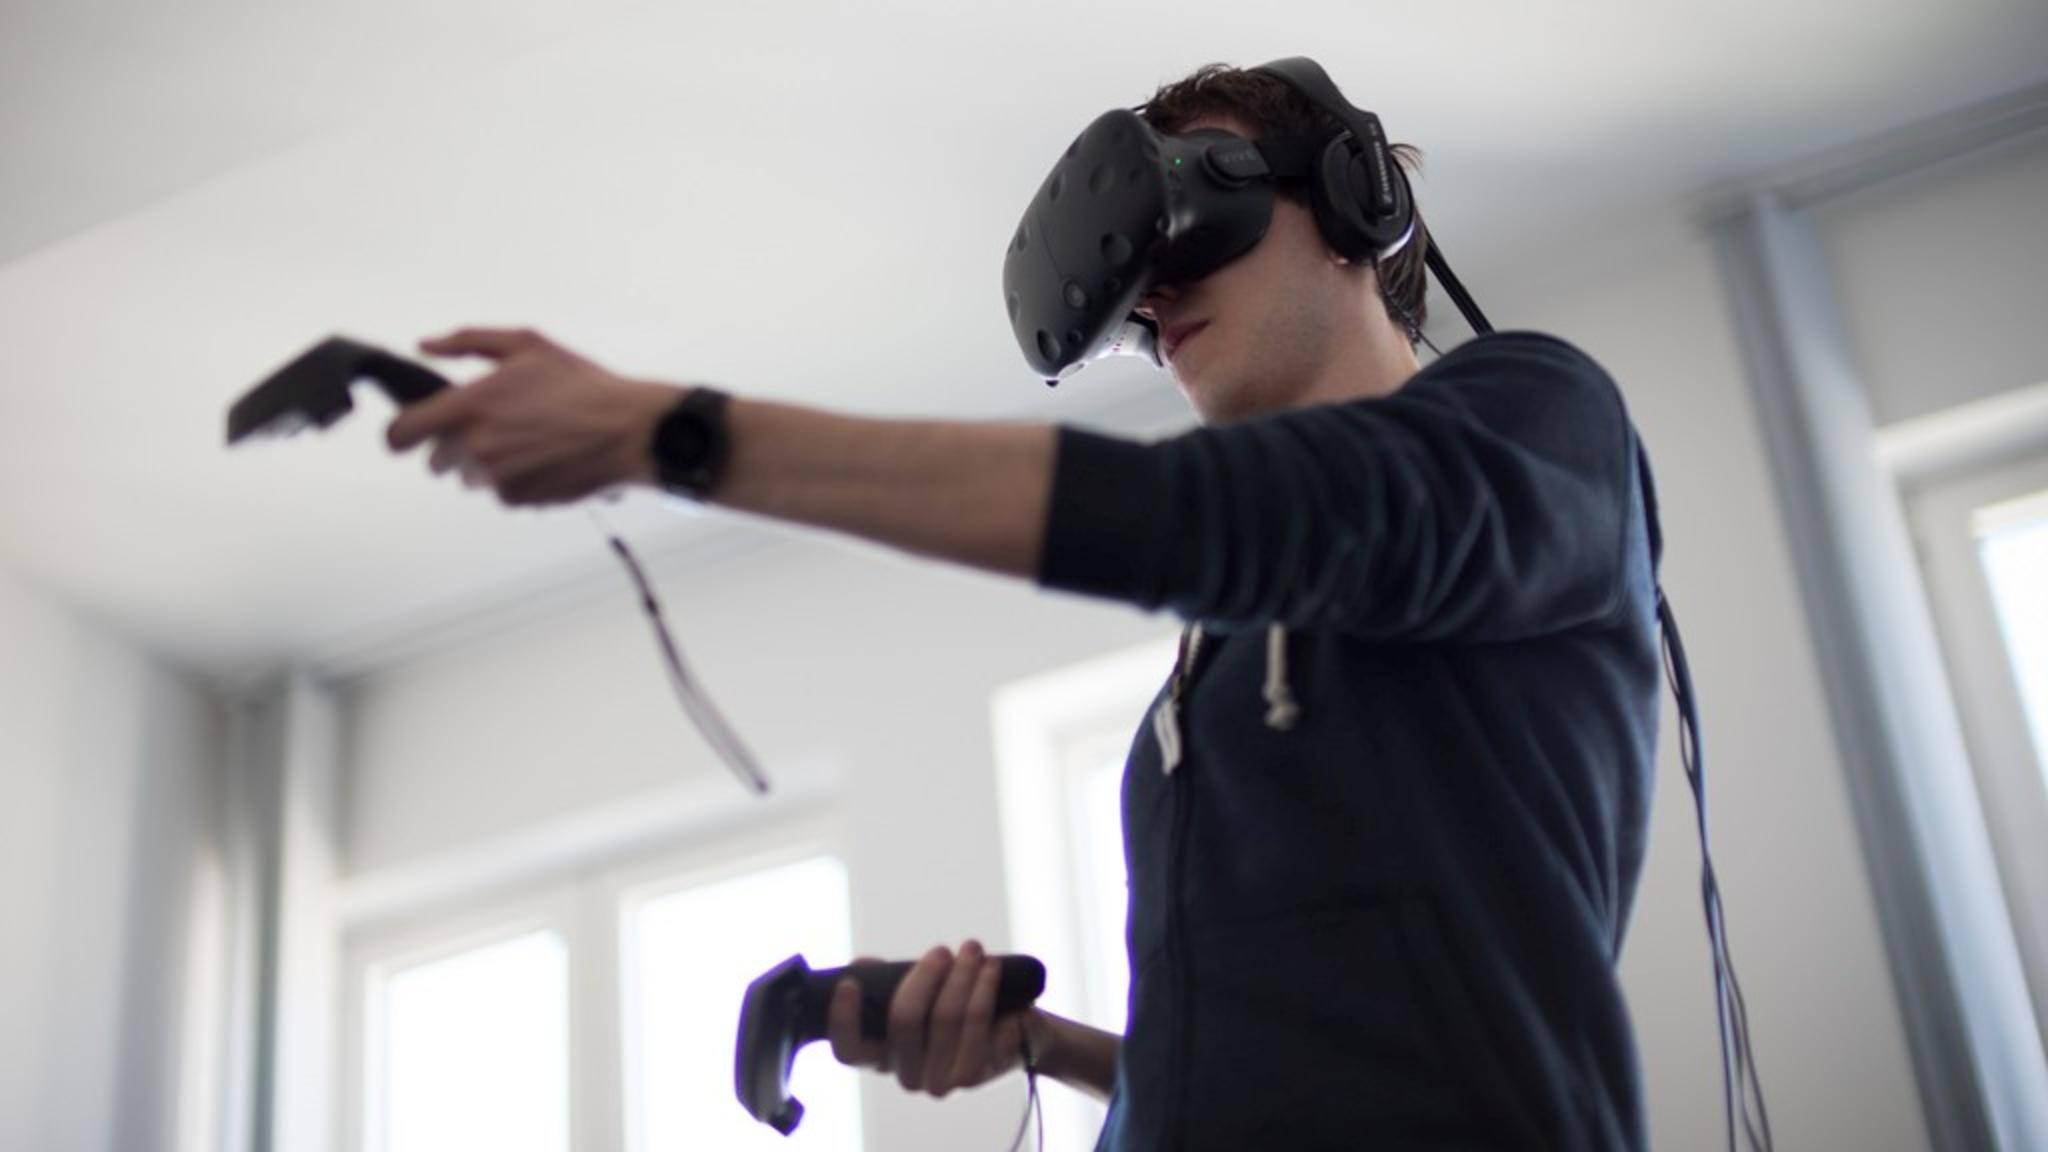 Nach der Vive-Brille möchte HTC ein VR-Gerät für die mobile Nutzung veröffentlichen.